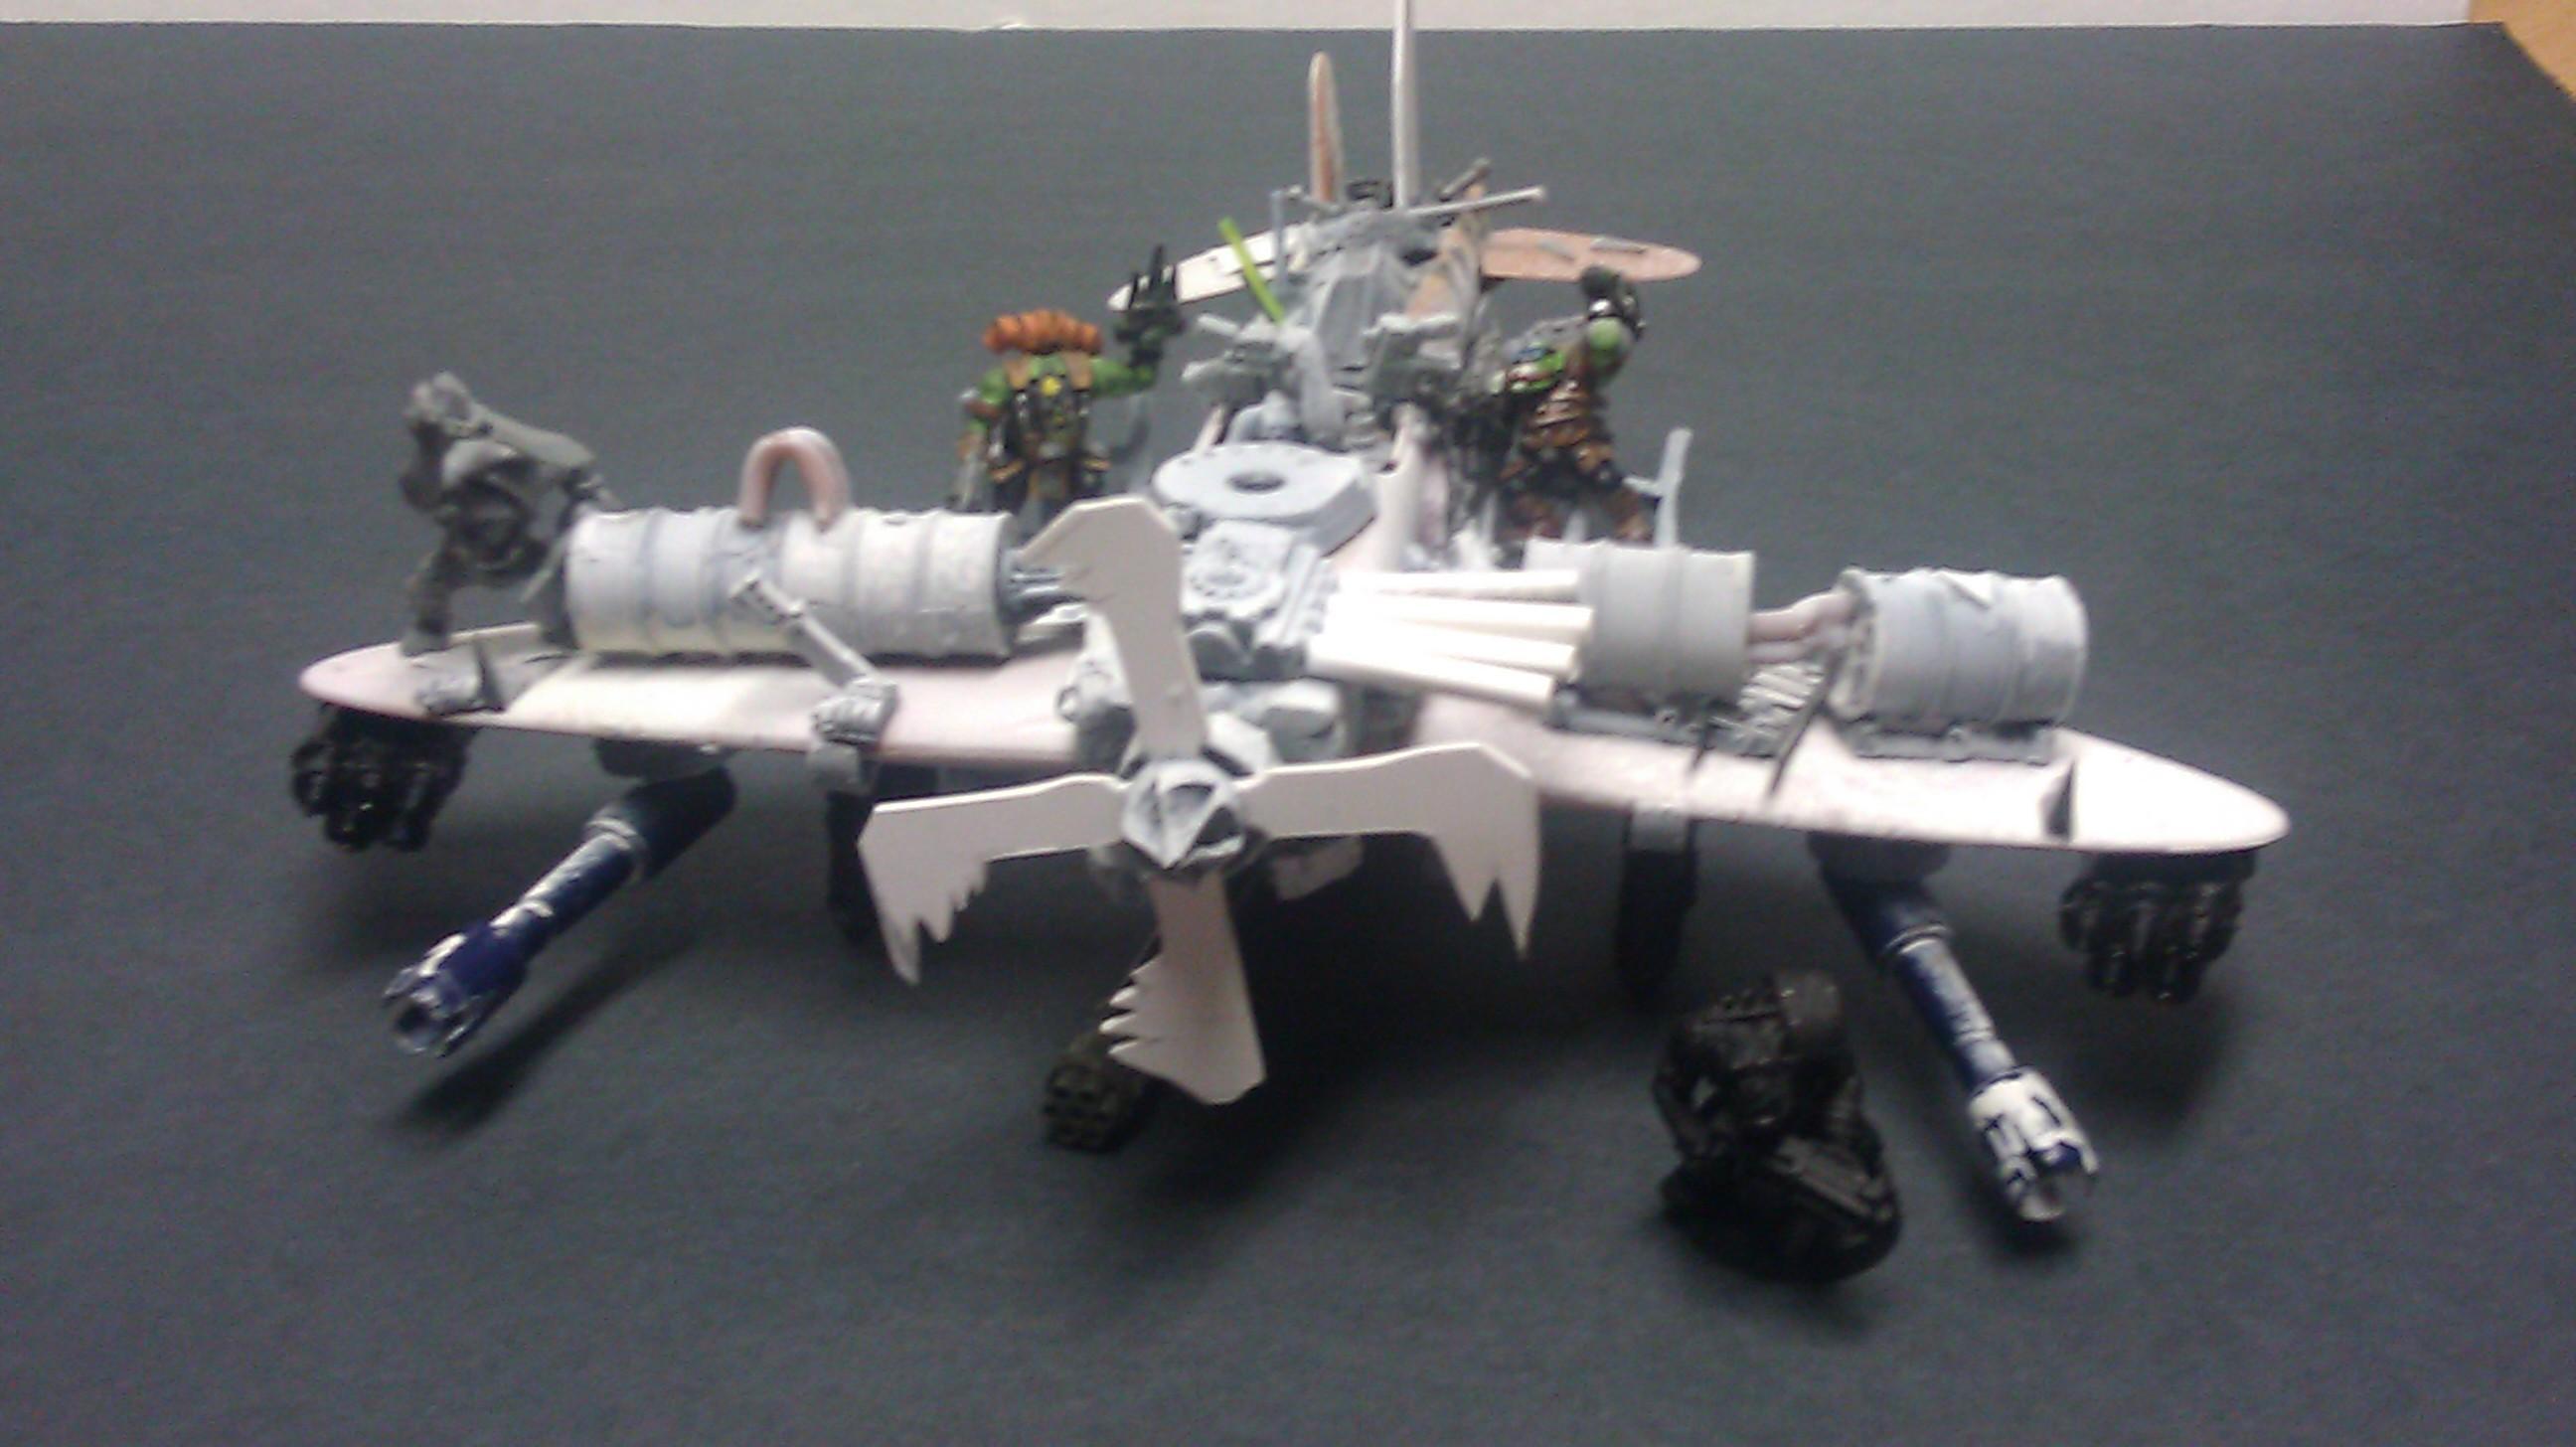 Bomber, Custom, Jet, Orks, Warhammer 40,000